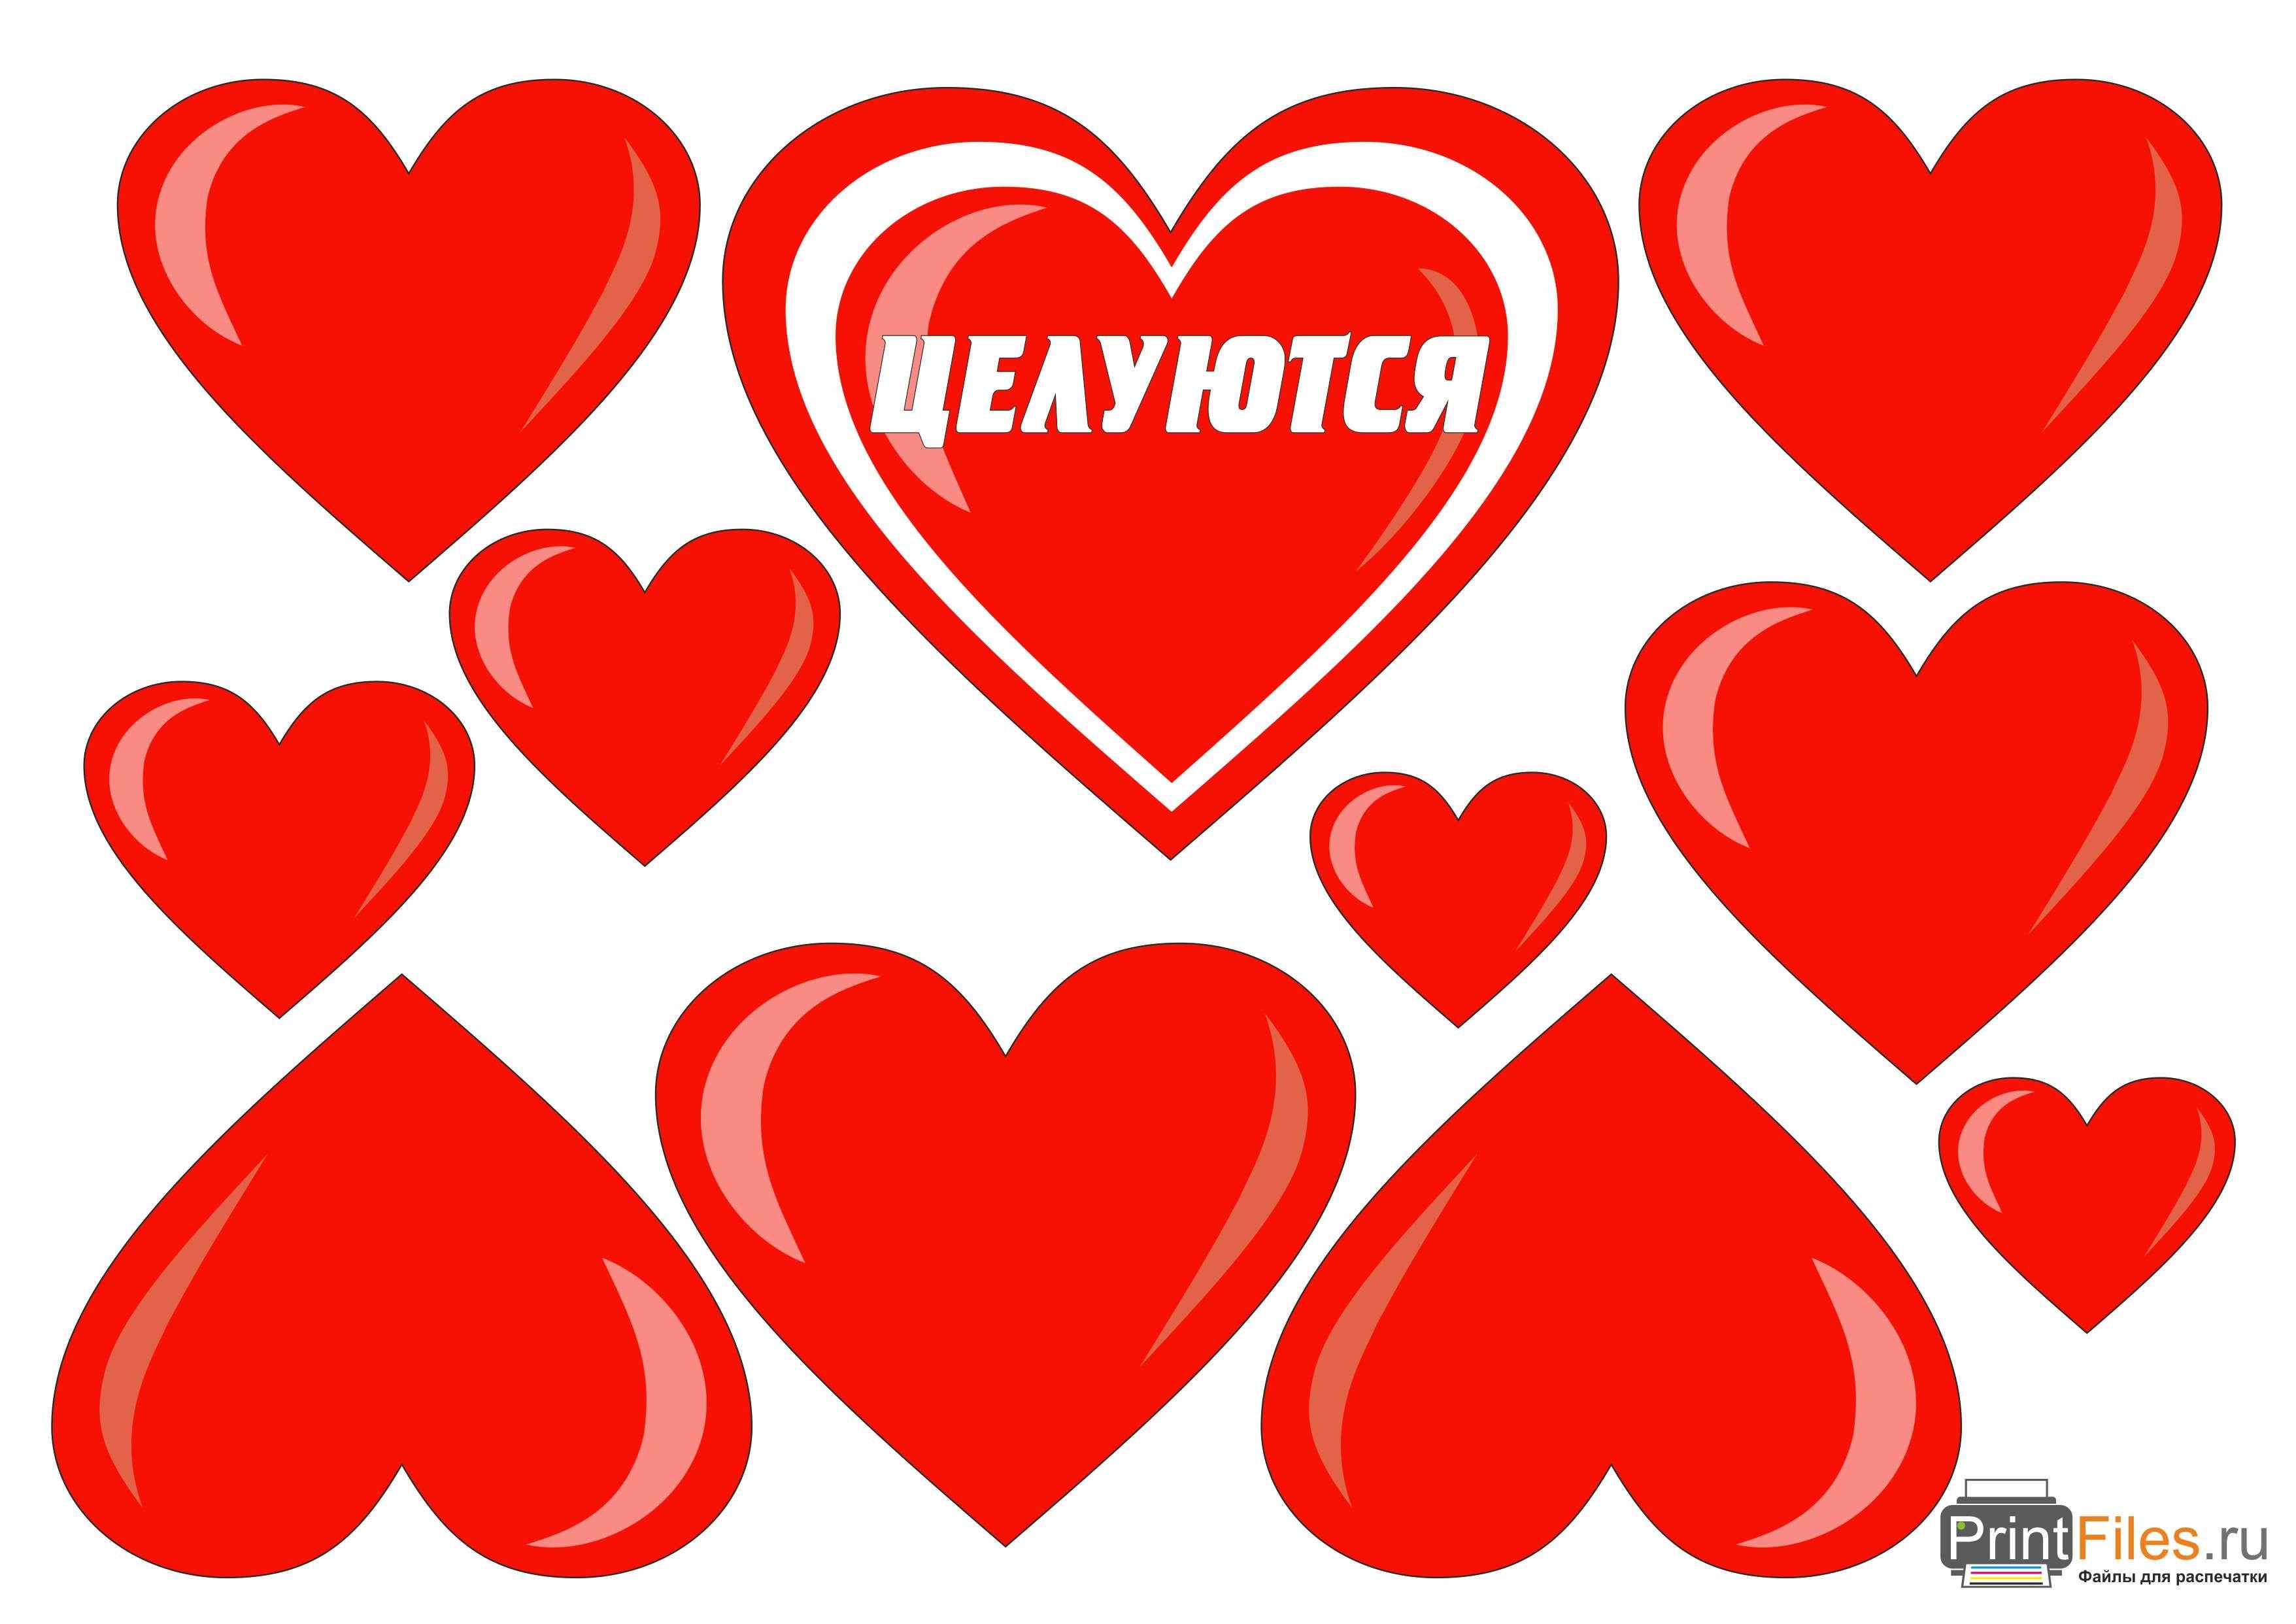 красные сердечки картинки красивые шаблоны как